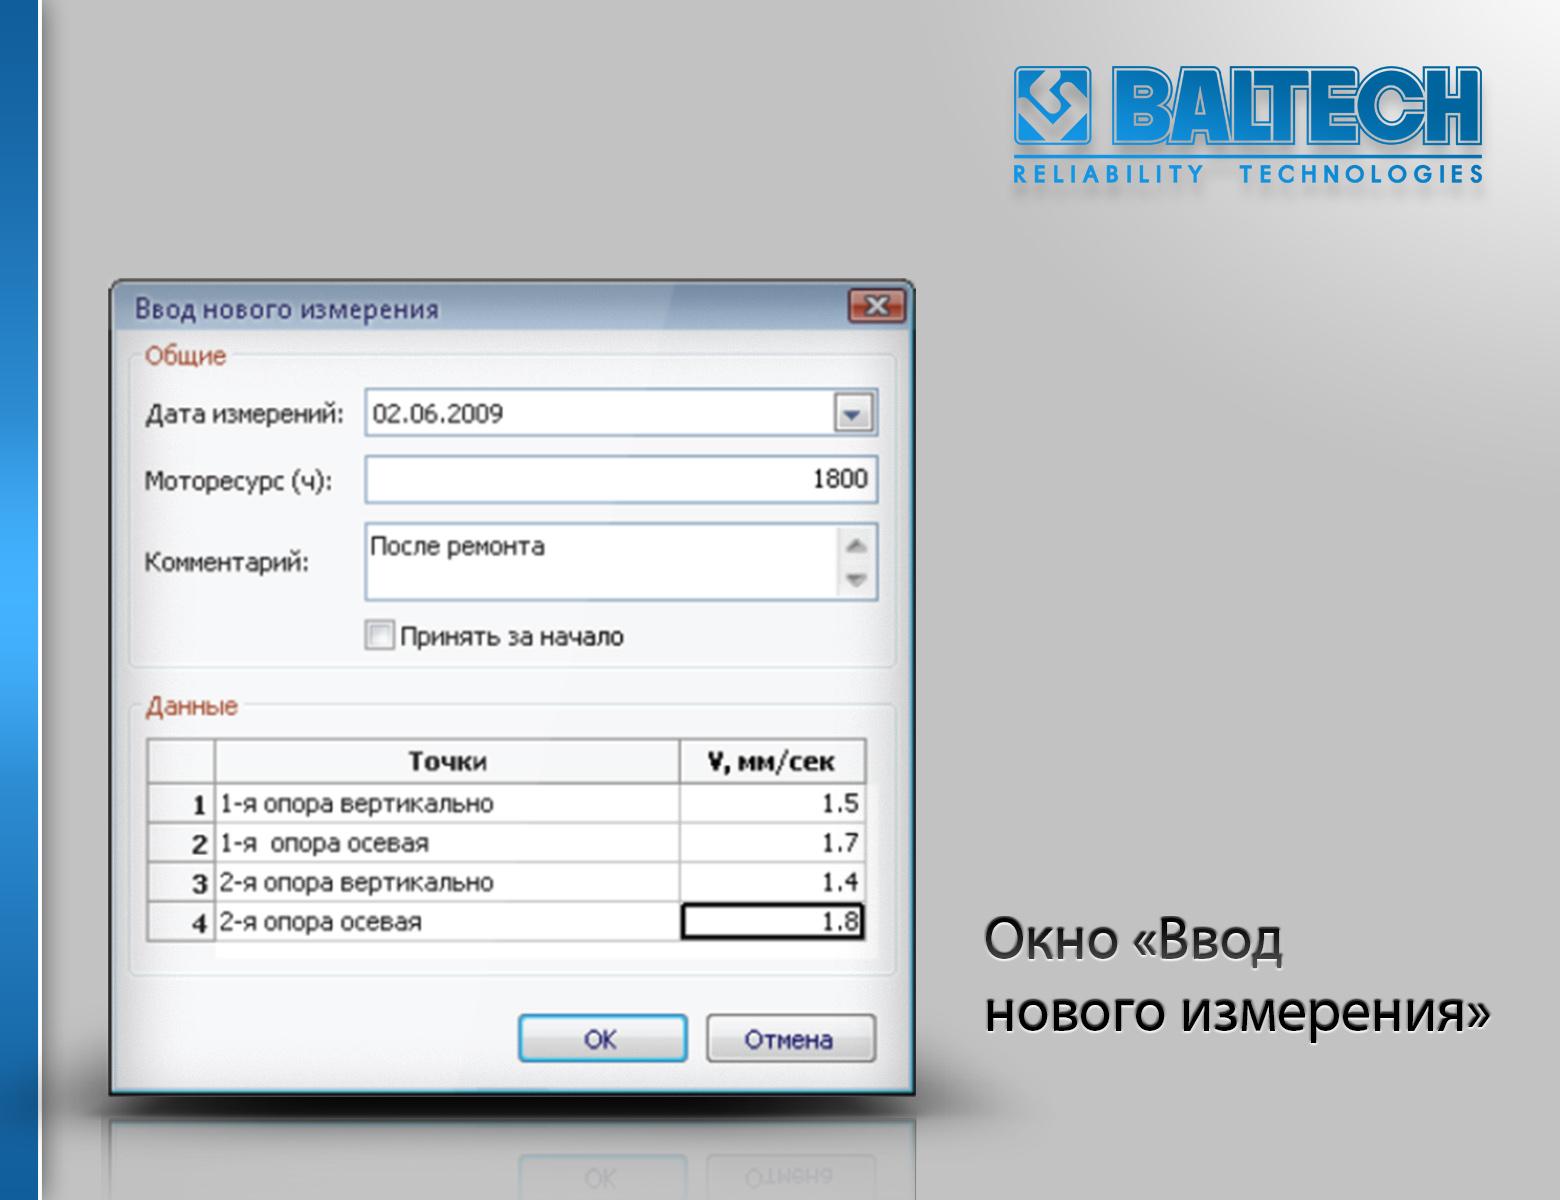 Программное обеспечение BALTECH-Expert, ввод нового измерения, вибродиагностика